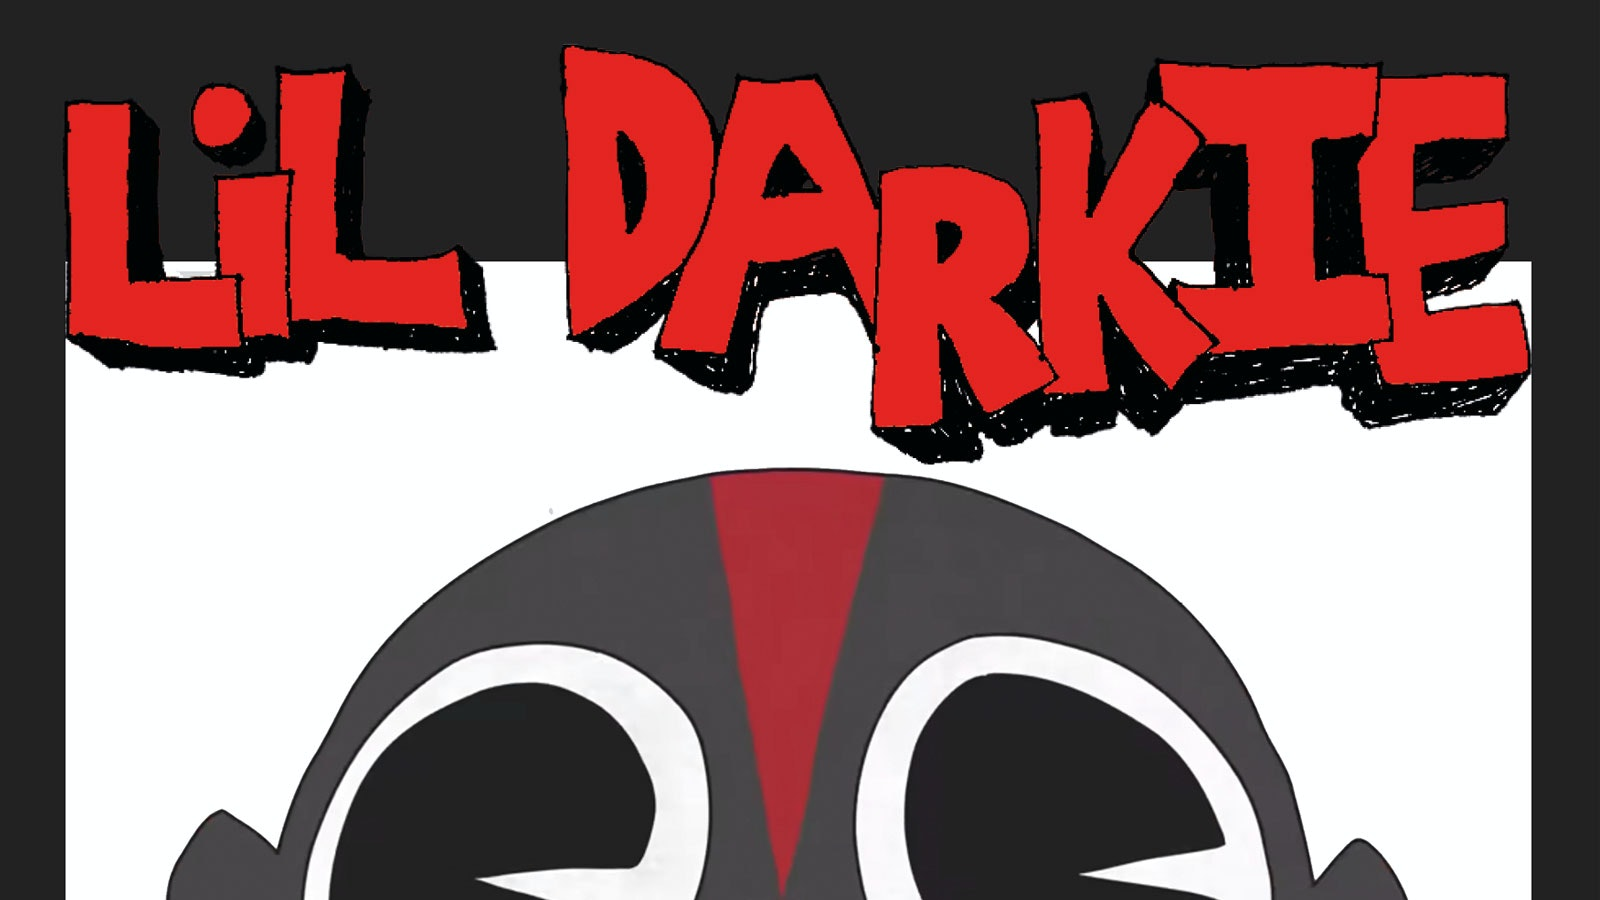 Lil Darkie